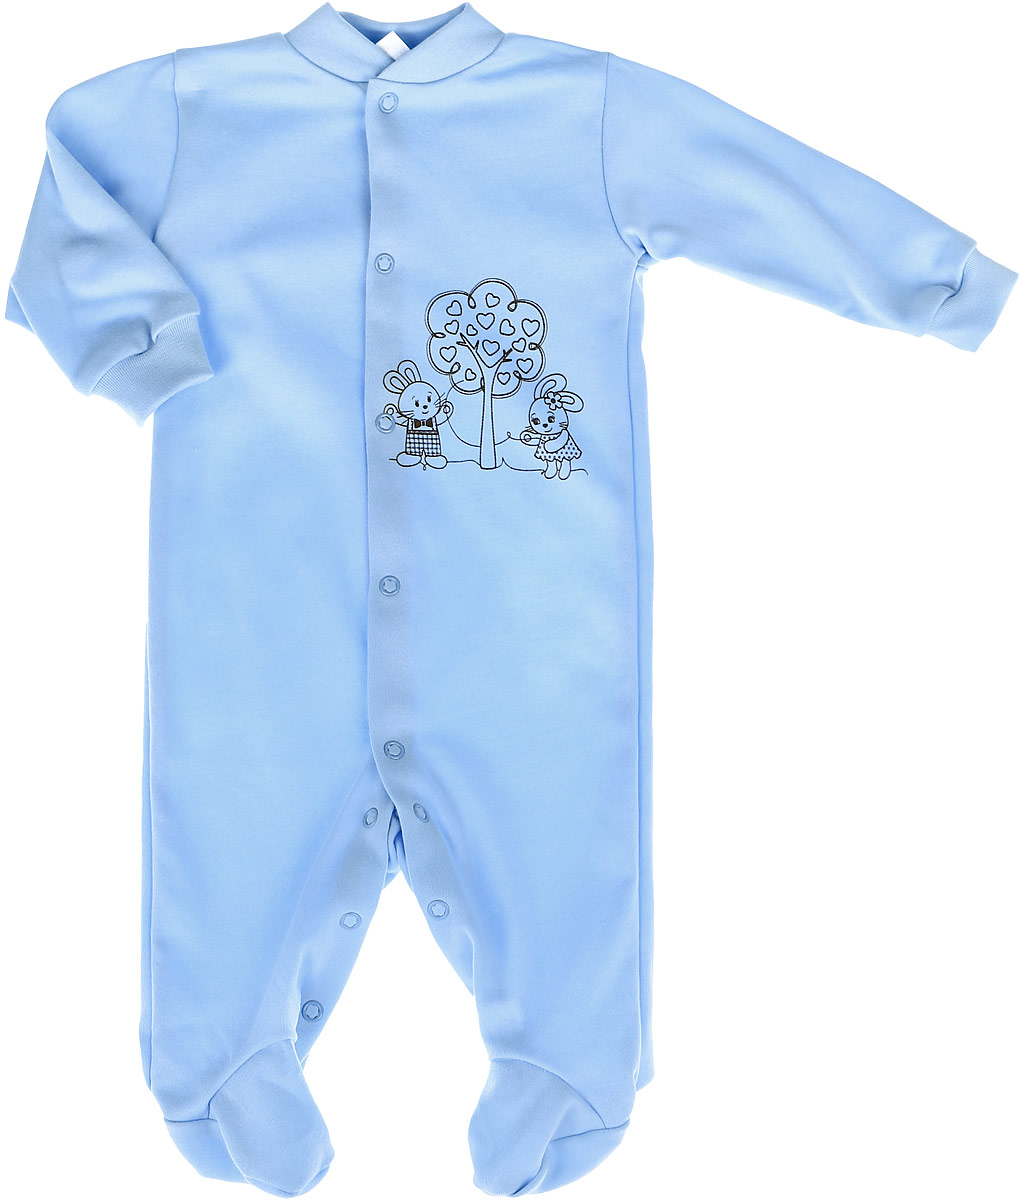 Комбинезон детский КотМарКот, цвет: голубой. 3688. Размер 68, 3-6 месяцев3688Детский комбинезон КотМарКот полностью соответствует особенностям жизни младенца в раннийпериод, не стесняя и не ограничивая его в движениях. Выполненный из мягкого натурального хлопка, он очень приятный наощупь, не раздражает нежную и чувствительную кожу ребенка, позволяя ей дышать. Комбинезон с круглым вырезом горловины, длинными рукавами и закрытыми ножками имеет застежки-кнопкиспереди и на ластовице, которые помогают легко переодеть младенца или сменить подгузник. Низ рукавовдополнен мягкими широкими манжетами, бережно обхватывающими запястья малыша. Спереди модель украшенапринтом с изображением очаровательных зайчат под деревом. Такой комбинезон полностью соответствуют особенностям жизни малыша в ранний период, не стесняя и не ограничивая его в движениях, и прекрасно подойдет для активных игр и сна.